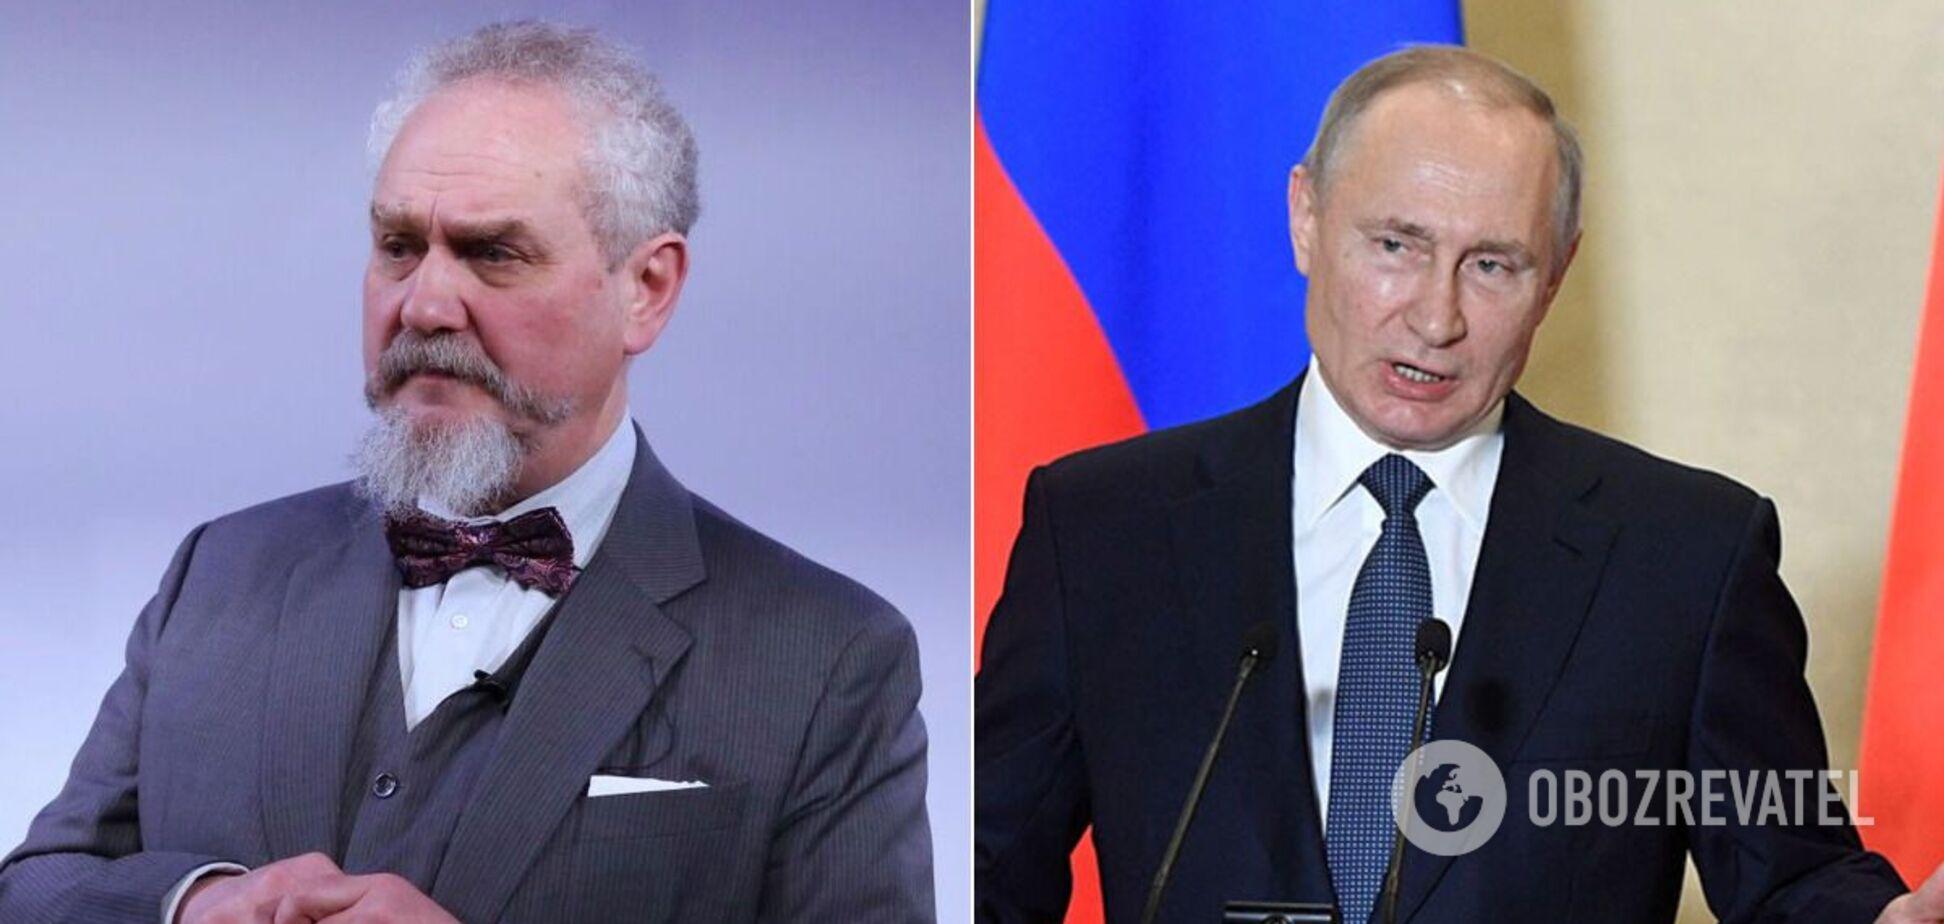 Андрей Зубов считает, что Путин наказал Украину оккупацией Крыма